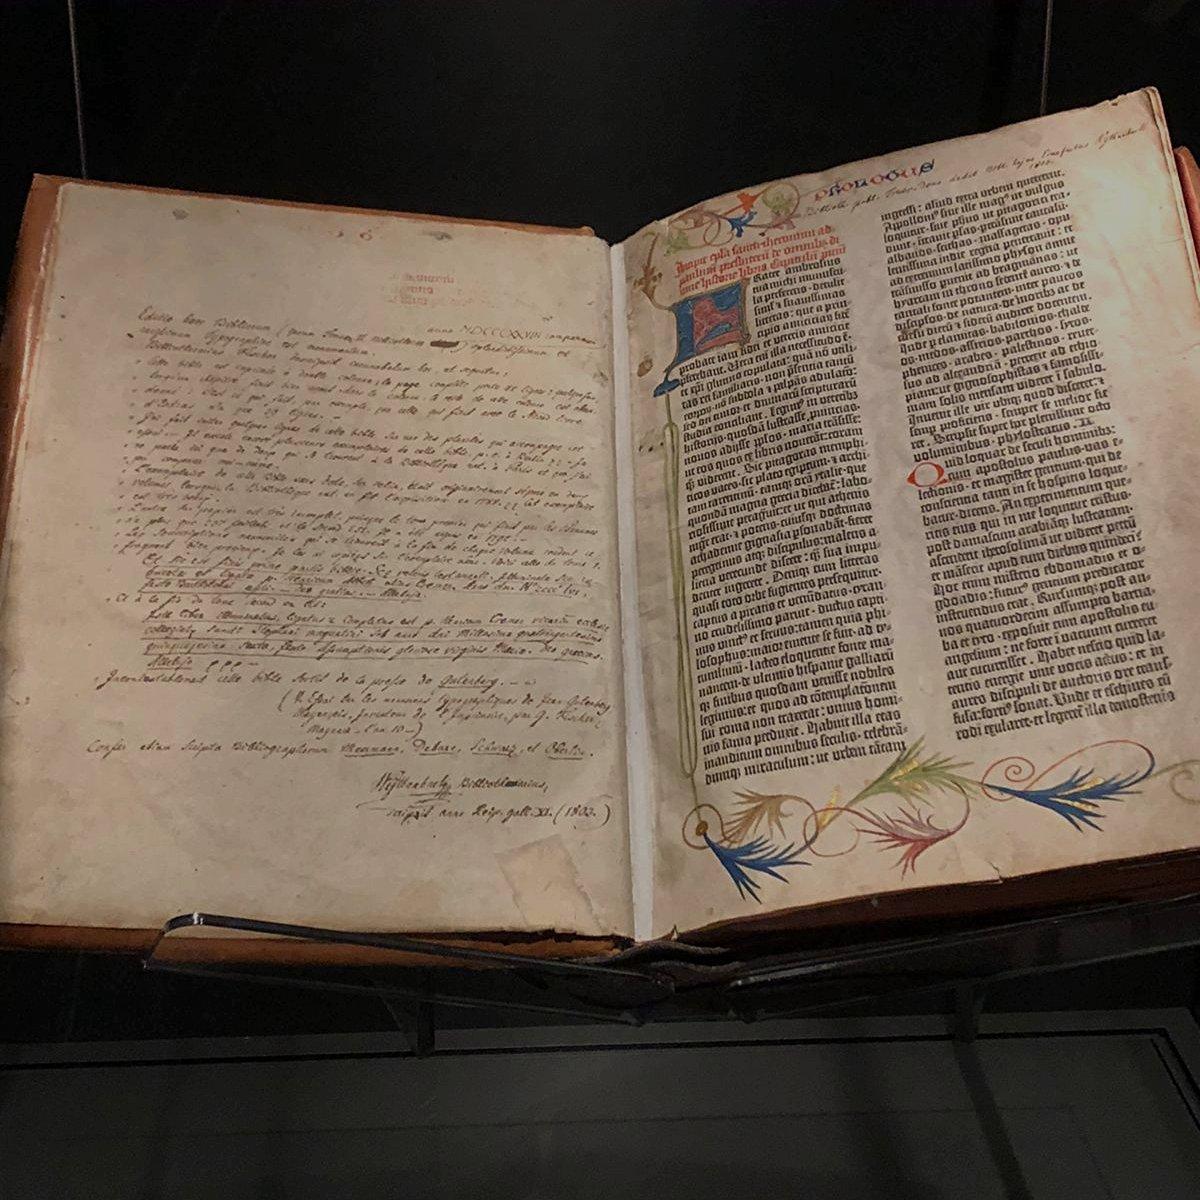 die Gutenberg-Bibelist das erste mit beweglichen Lettern gedruckte Buch der westlichen Welt.